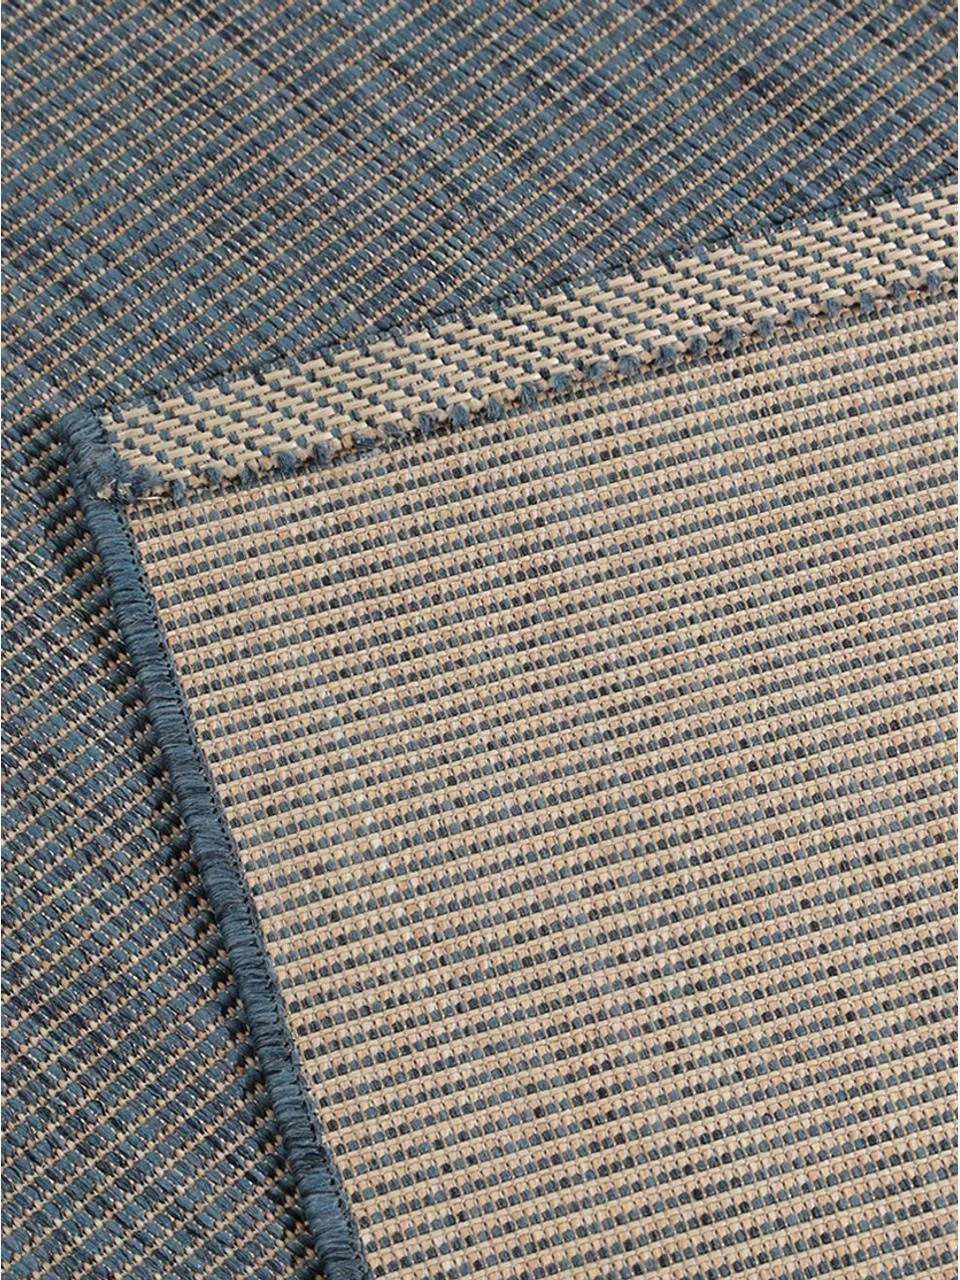 Dywan wewnętrzny/zewnętrzny Metro, Polipropylen, Niebieski, S 240 x D 340 cm (Rozmiar L)